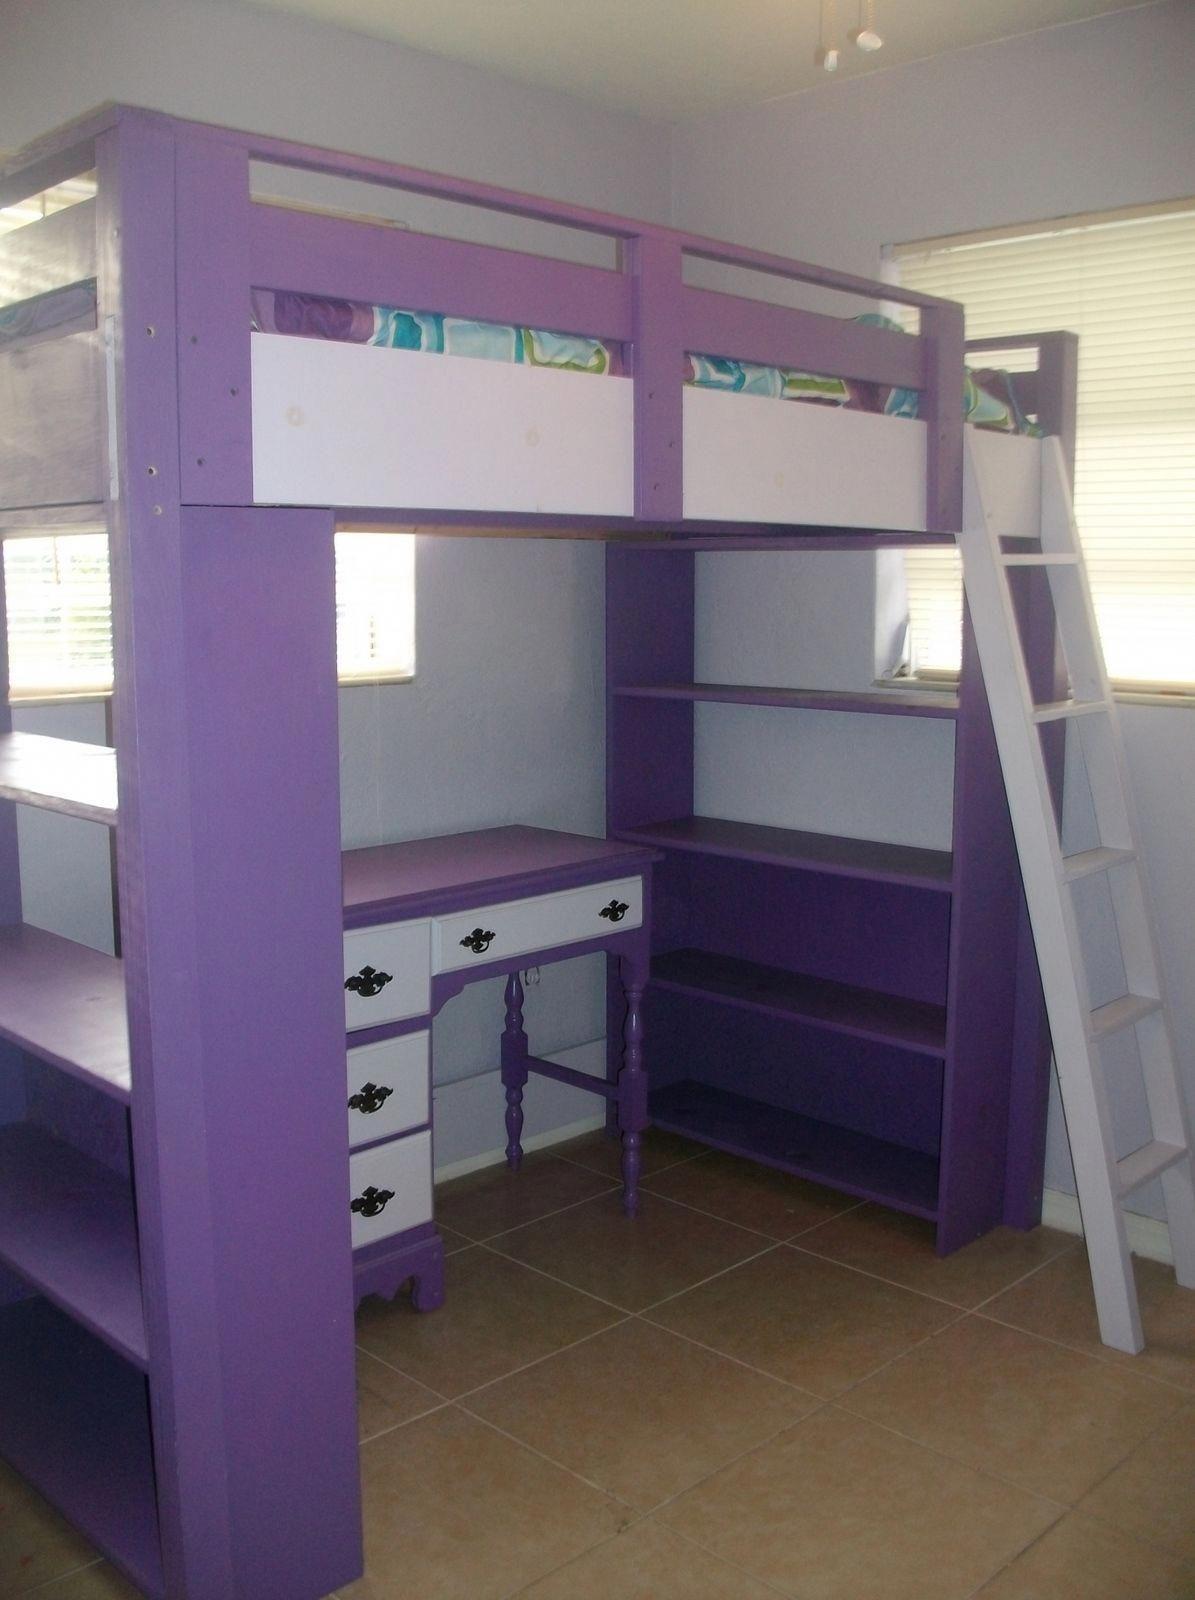 diy loft bed plans with a desk under Purple Loft Bed